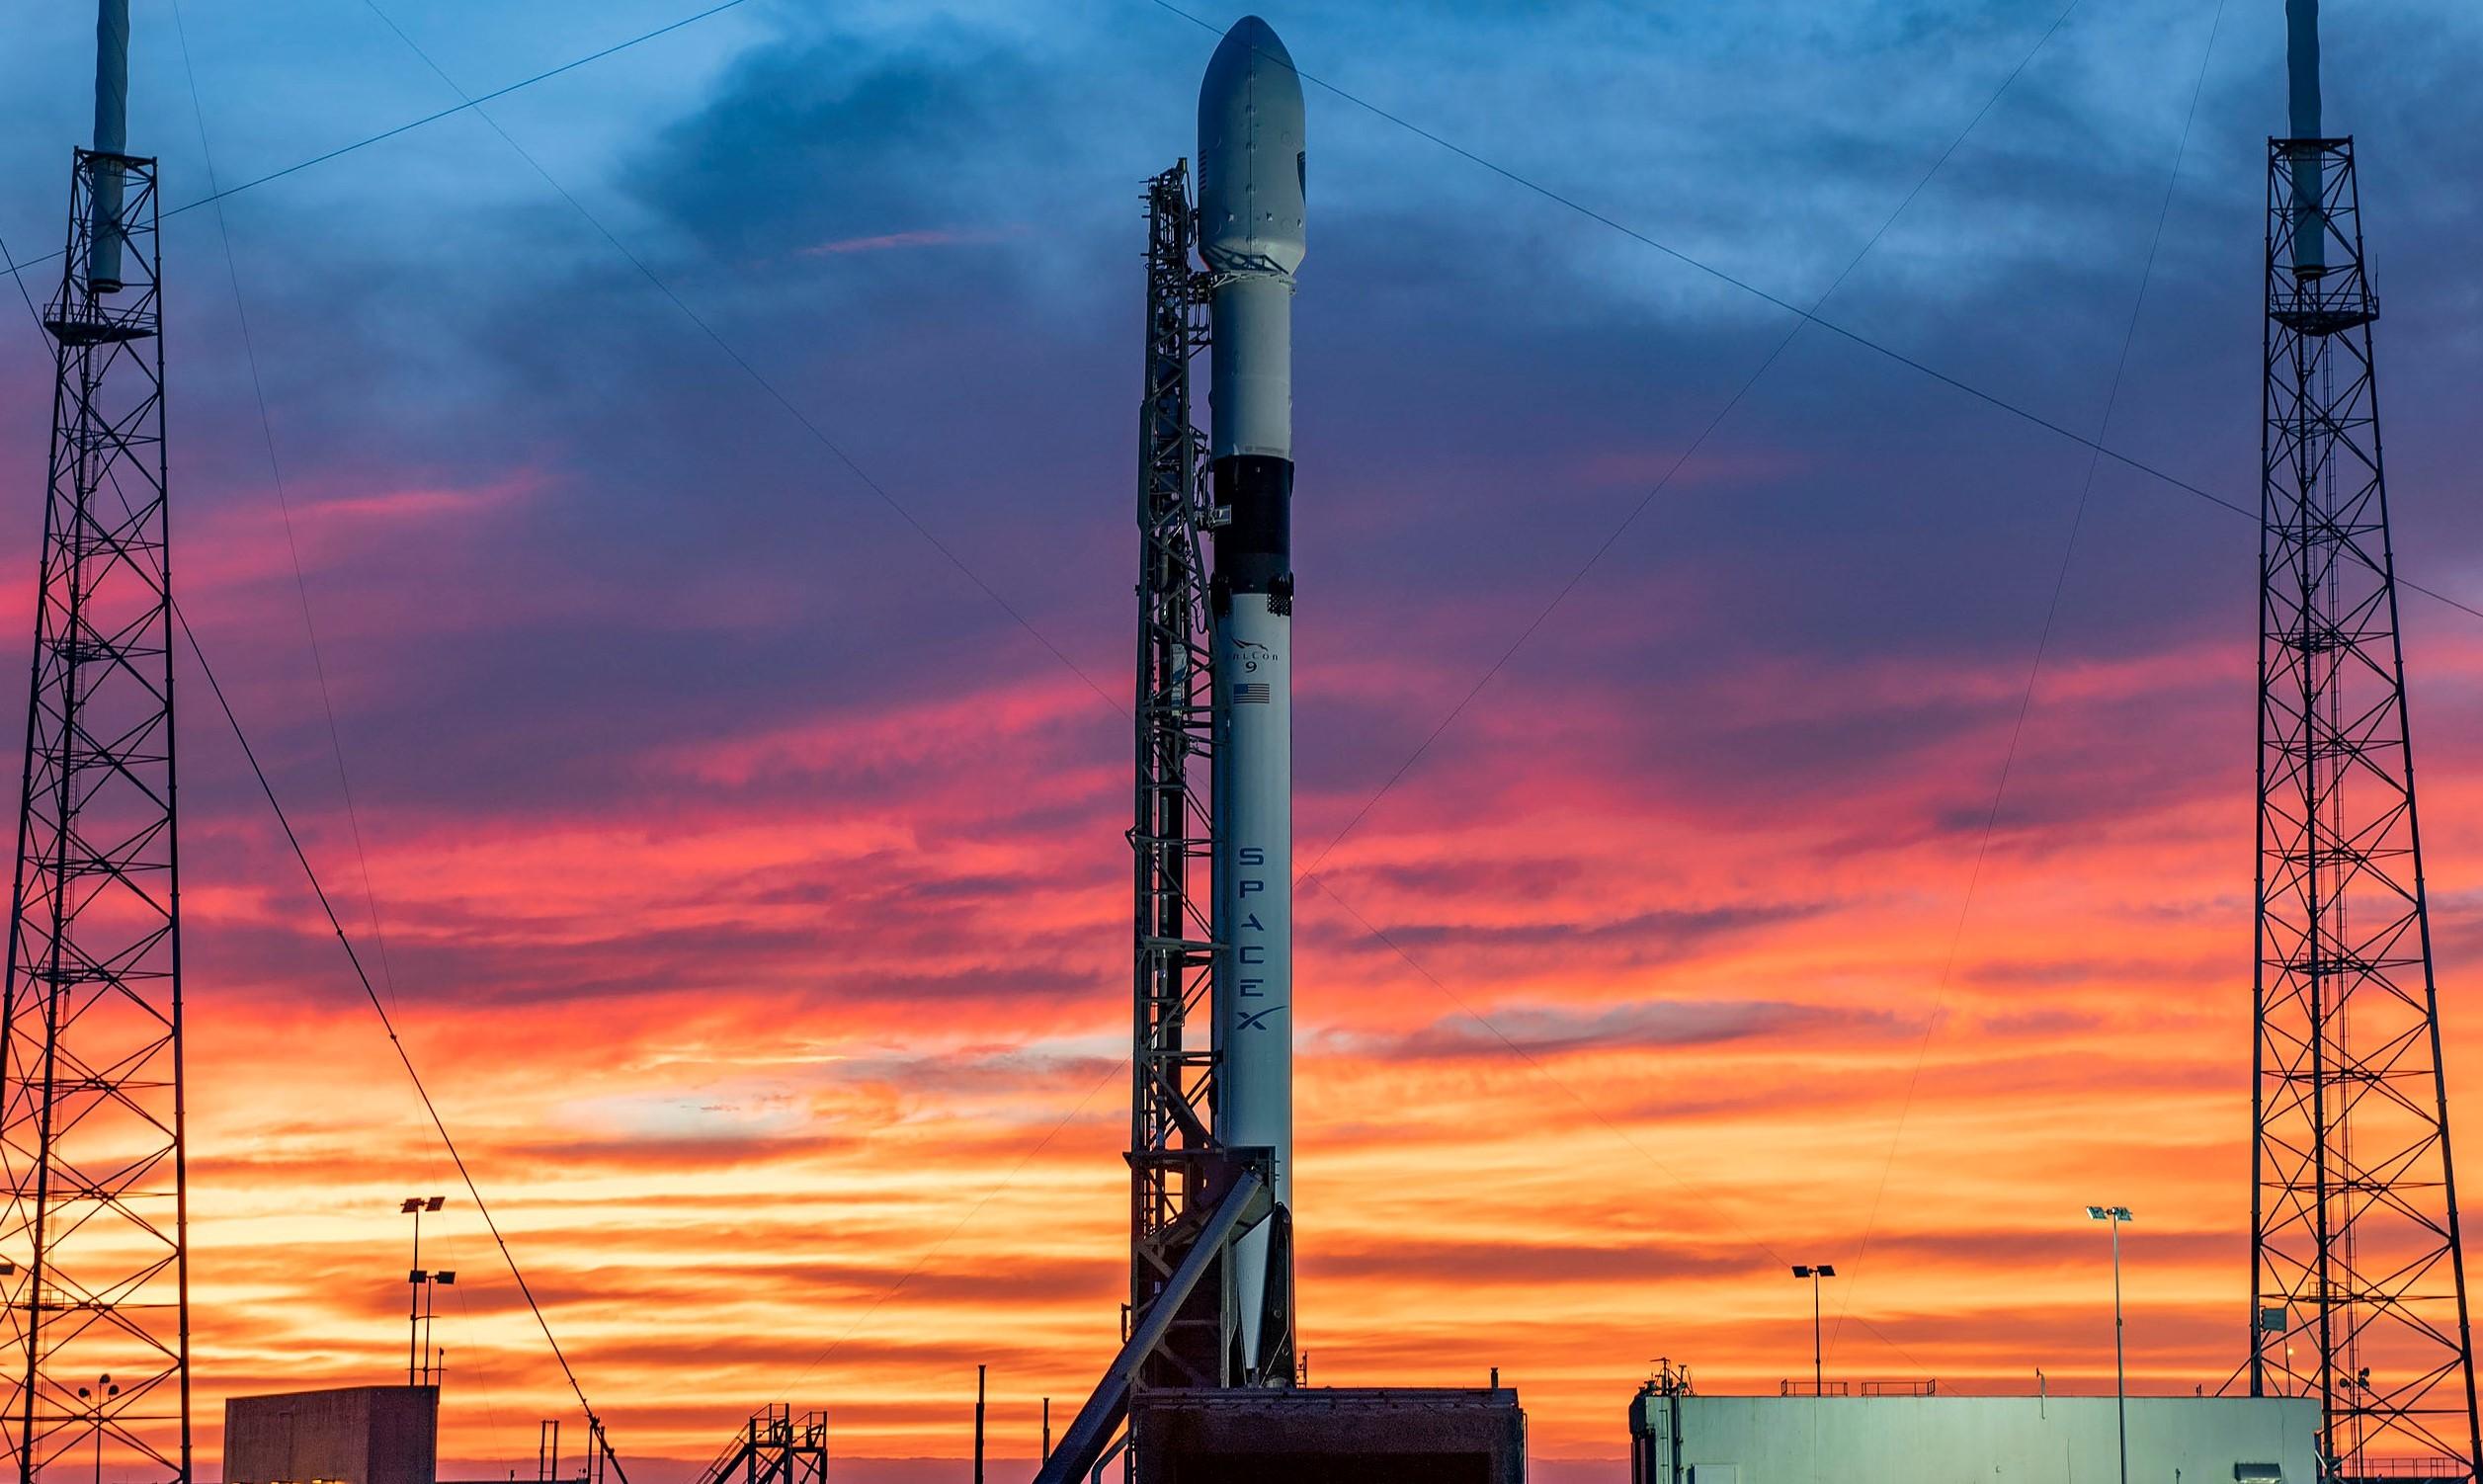 GPS III SV04 Falcon 9 B1060 LC-40 100120 (SpaceX) 3 crop